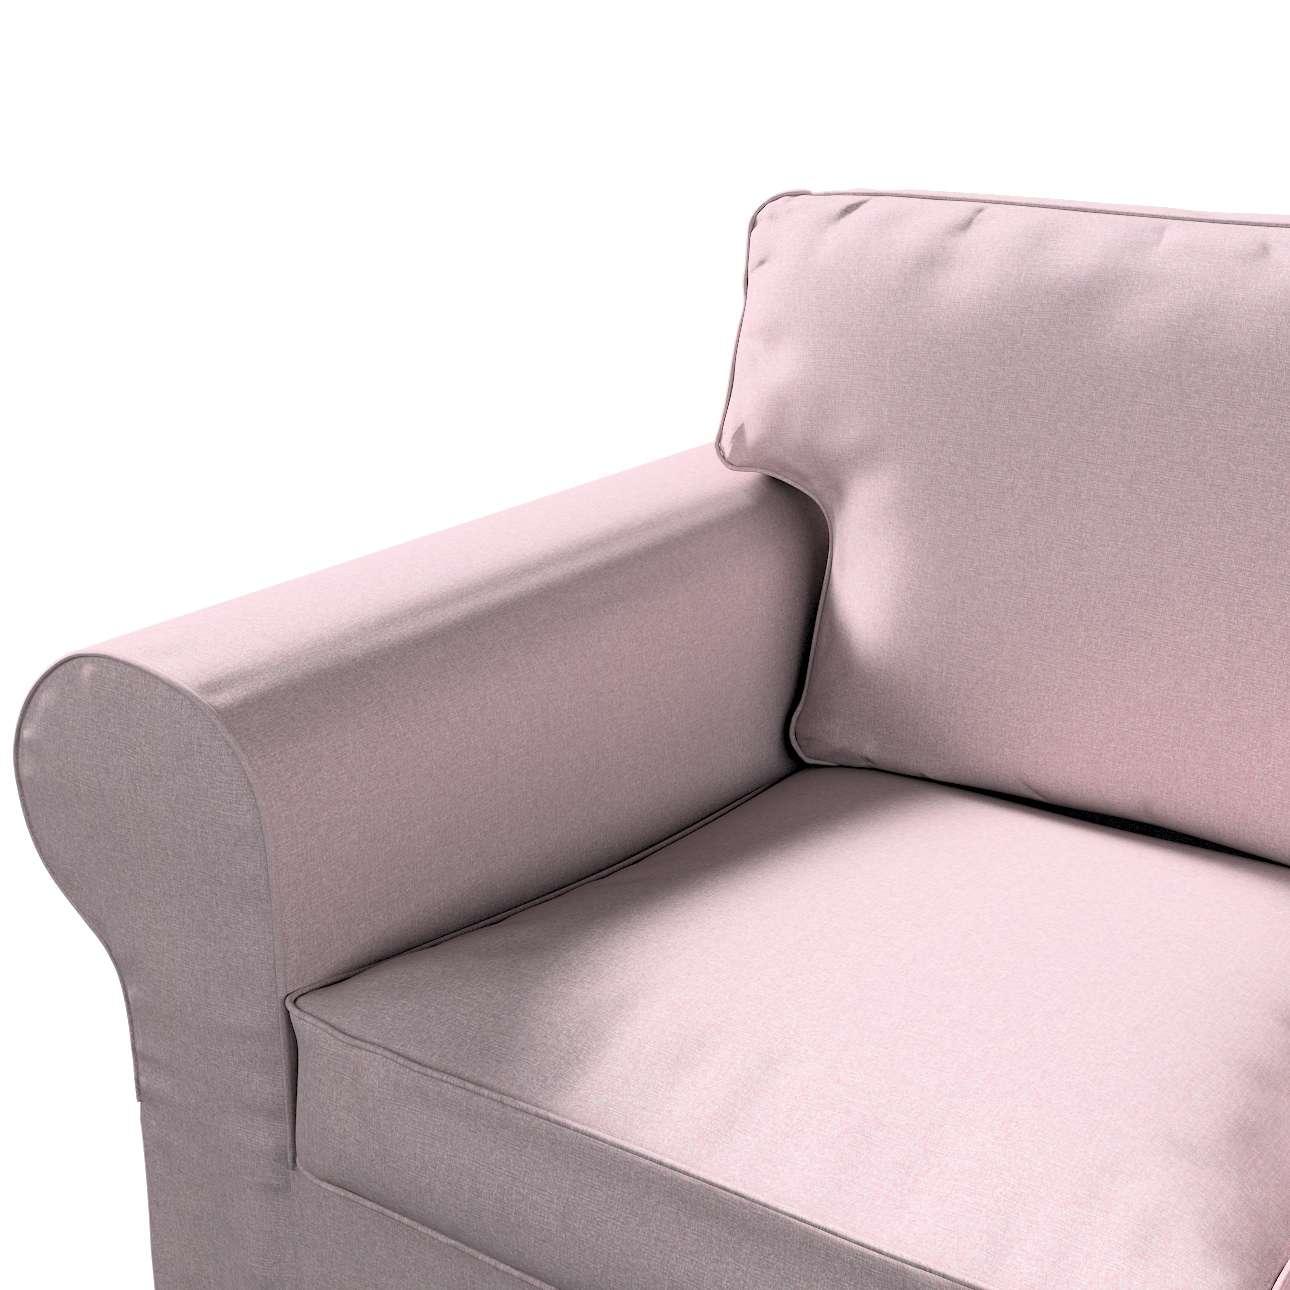 Pokrowiec na sofę Ektorp 3-osobową, nierozkładaną w kolekcji Amsterdam, tkanina: 704-51